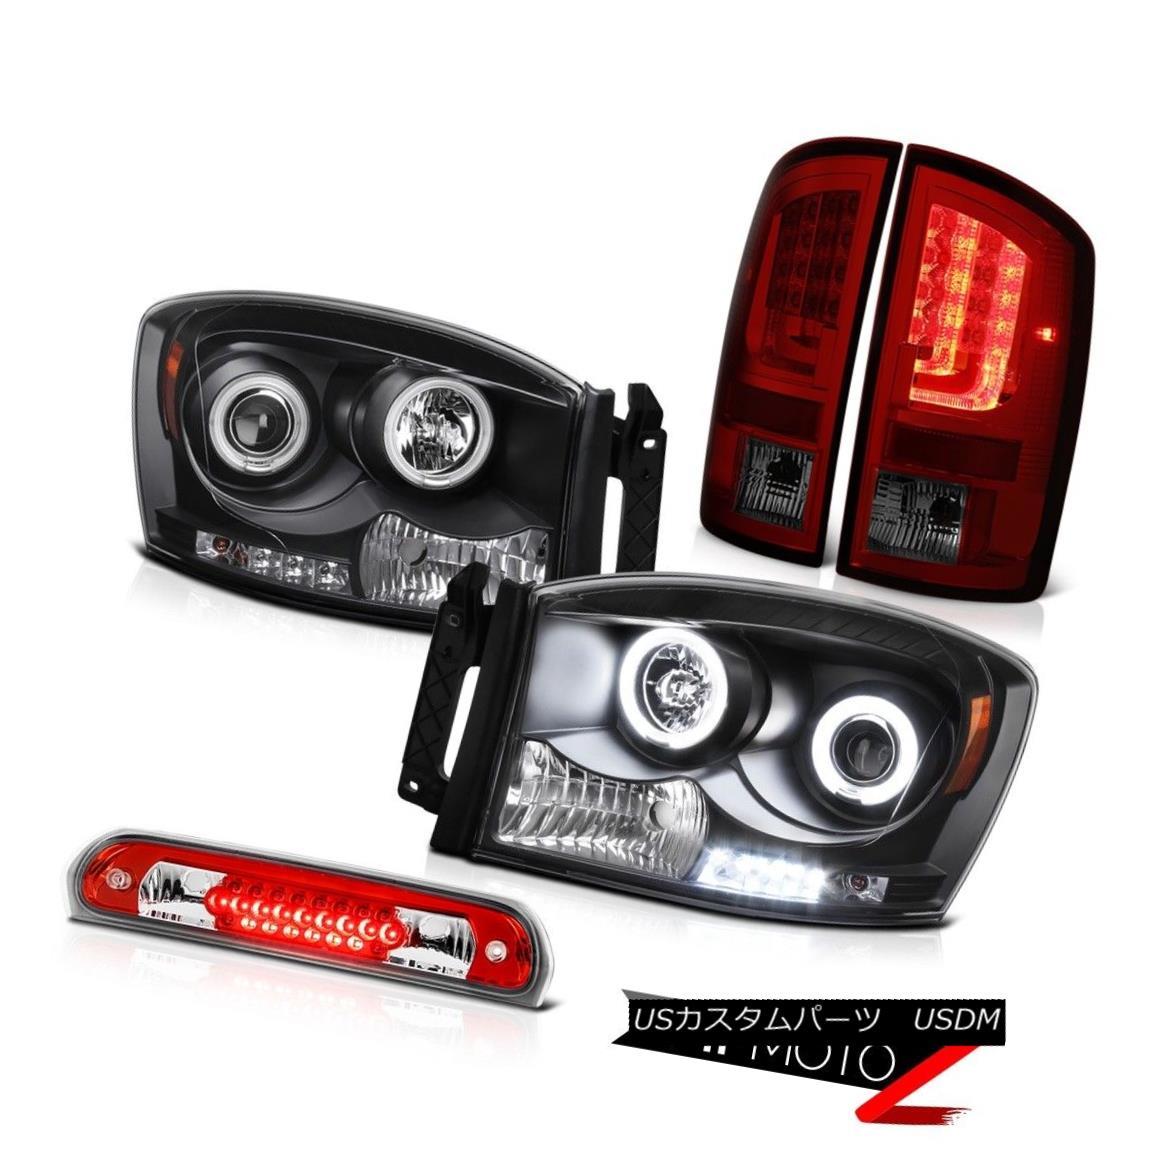 テールライト 2007-2009 Dodge Ram 1500 4.7L Red Smoke Rear Brake Lights Headlamps Third Lamp 2007-2009ダッジラム1500 4.7Lレッドスモークリアブレーキライトヘッドランプ第3ランプ